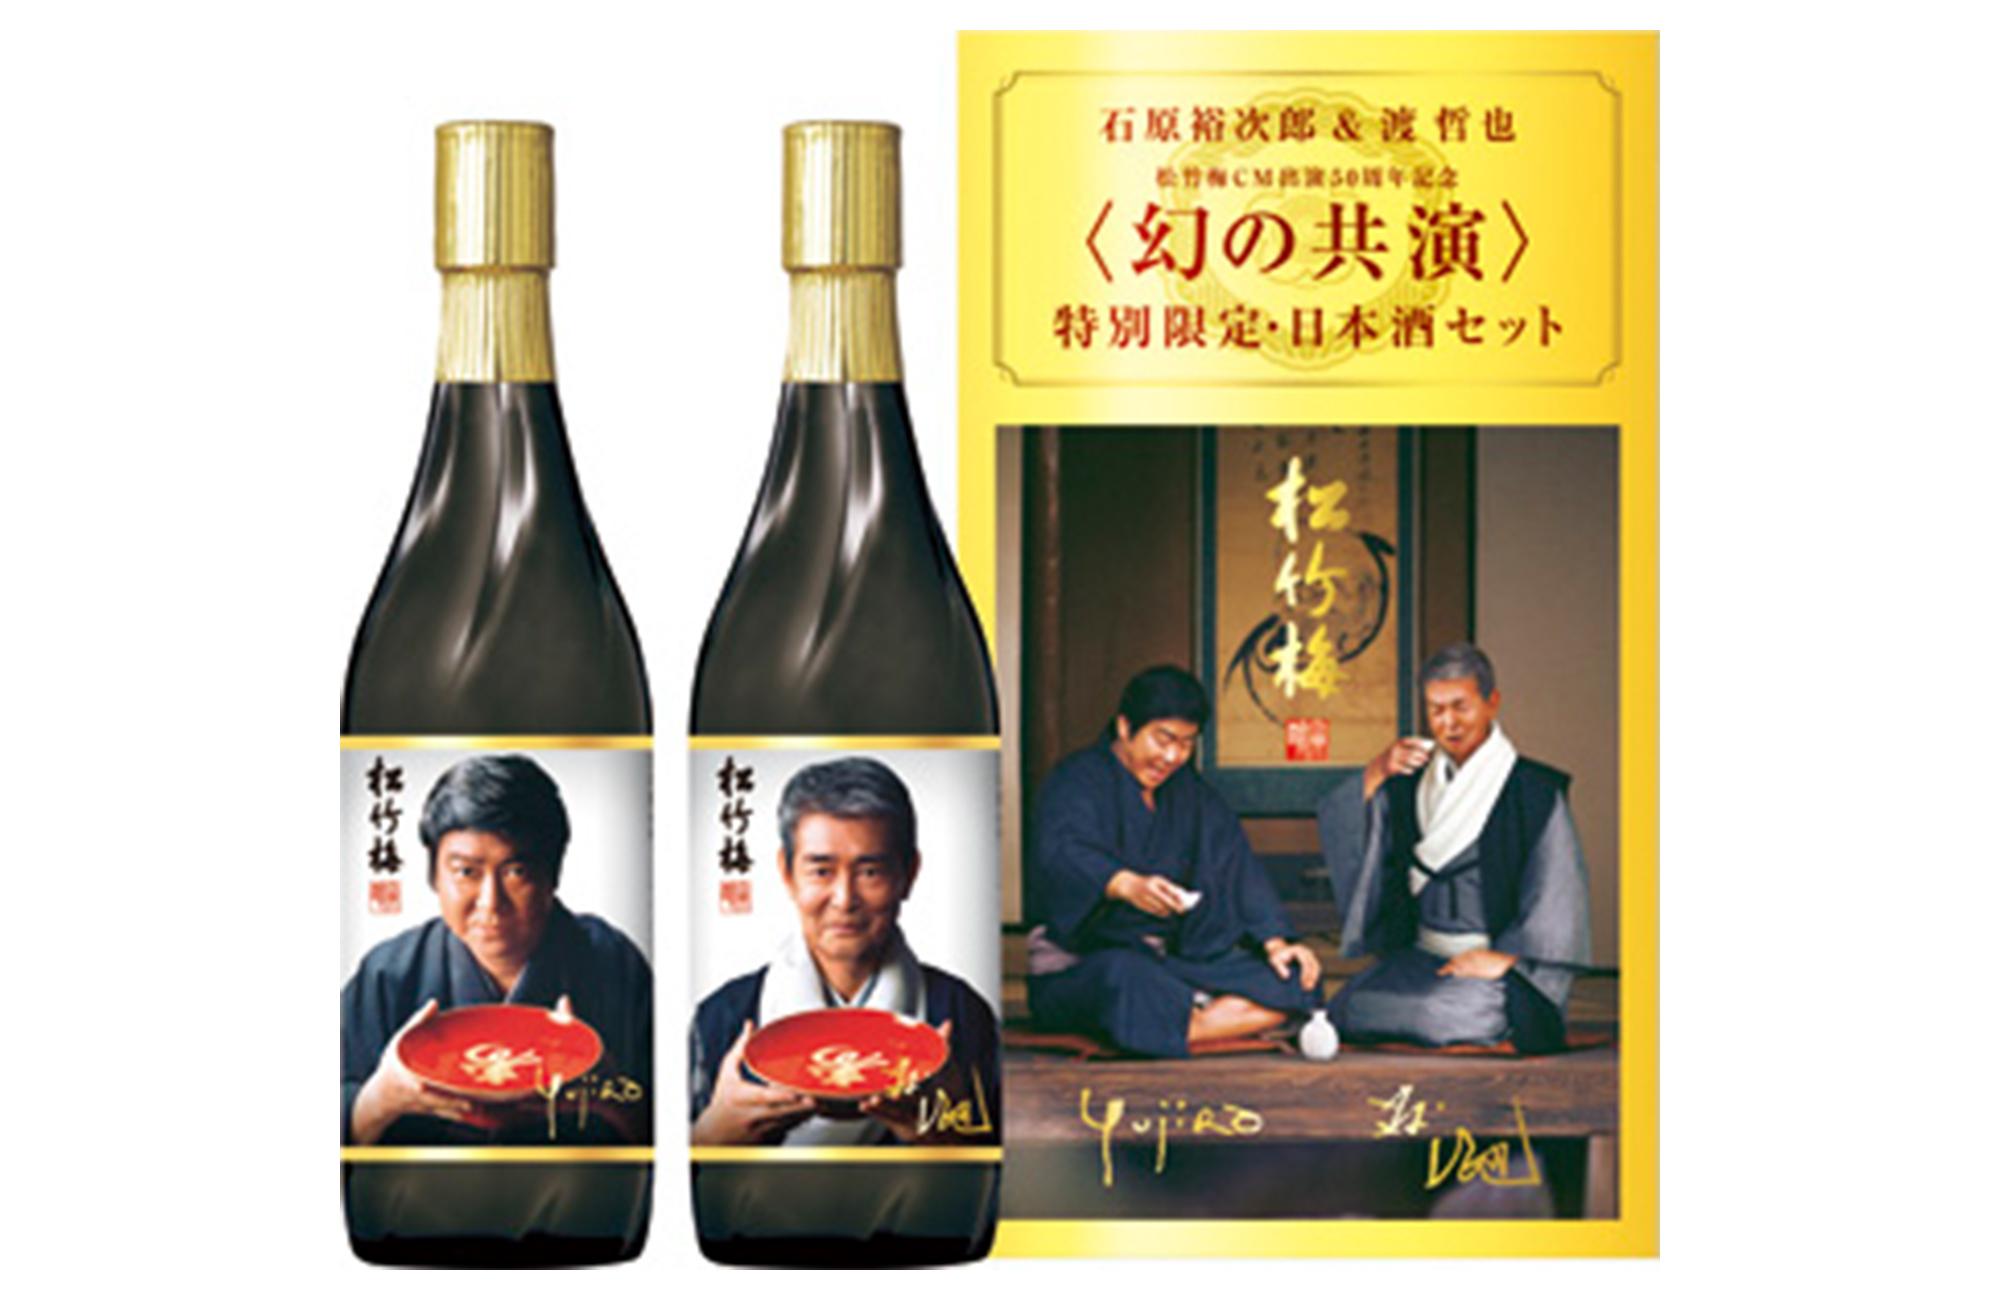 石原裕次郎&渡哲也がラベルにプリントされた「松竹梅」が予約注文限定品で発売!